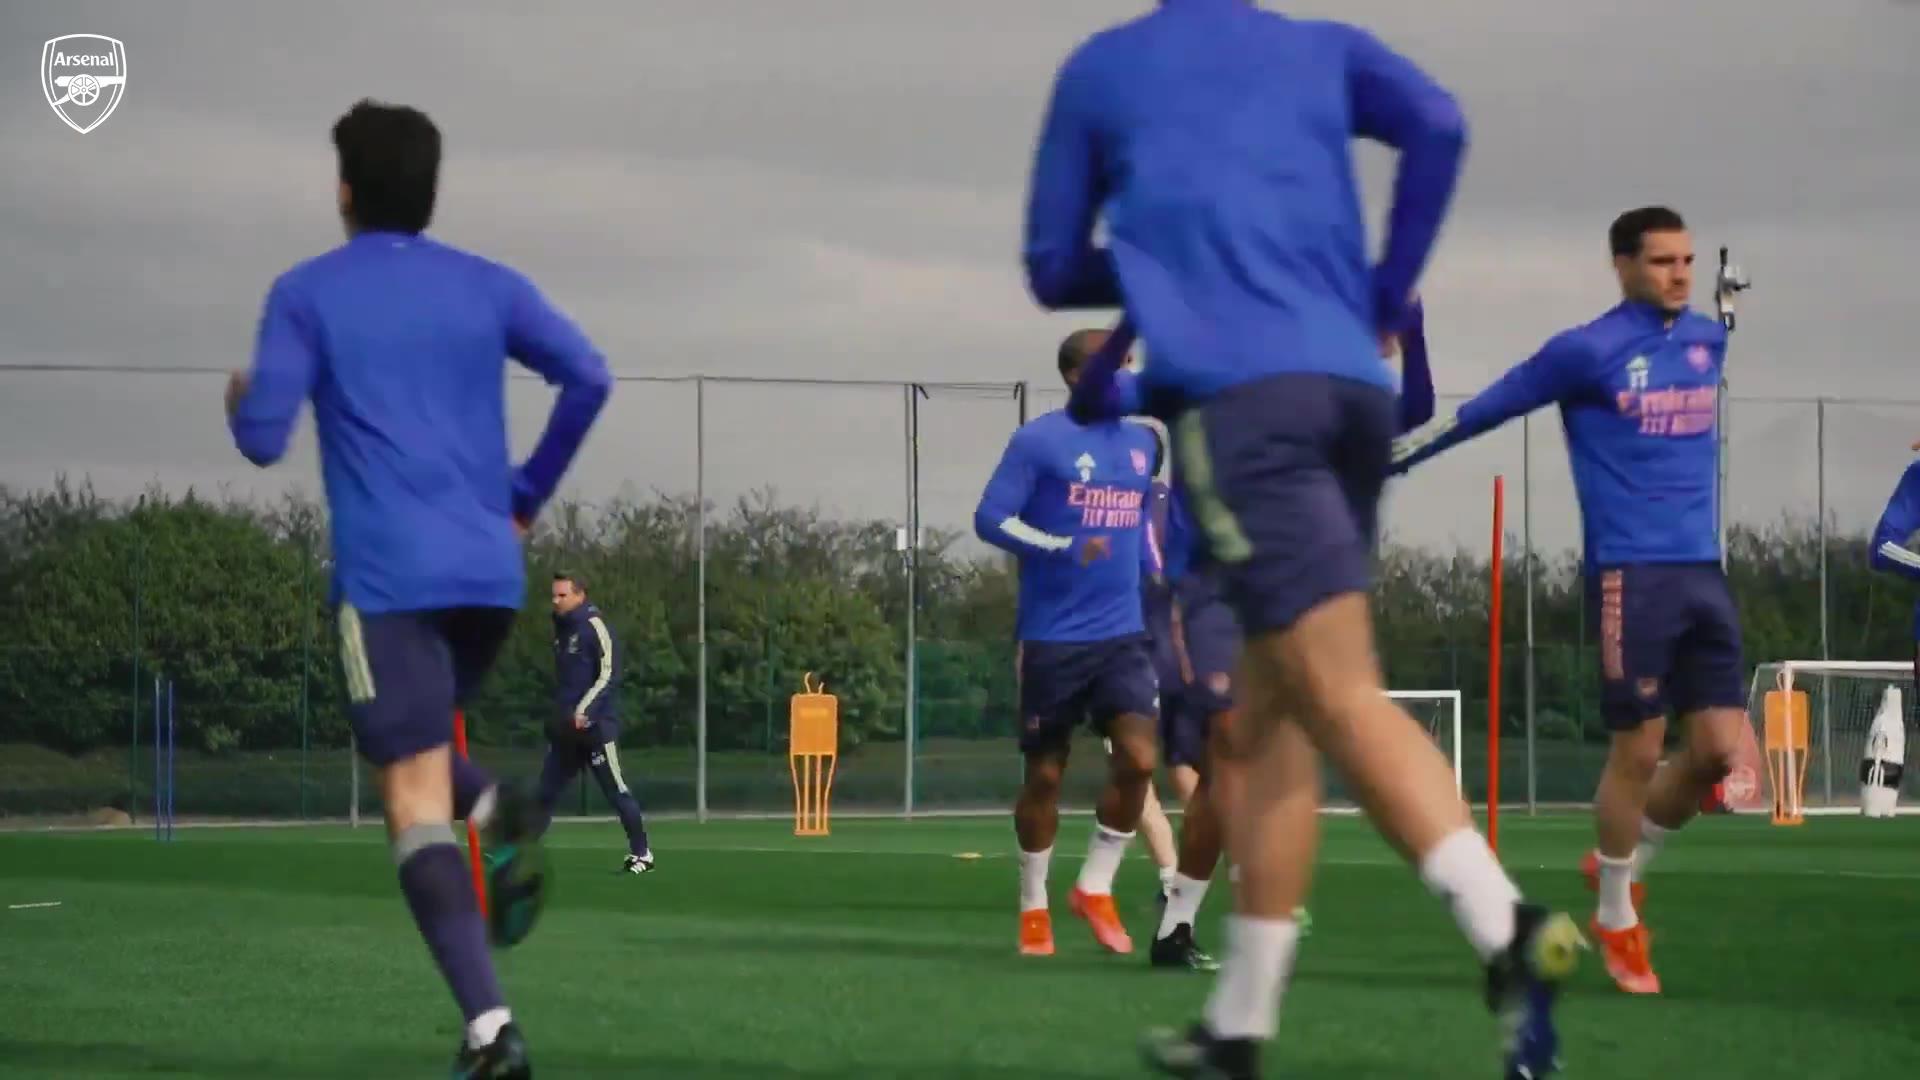 备战利物浦!阿森纳4.3训练视频